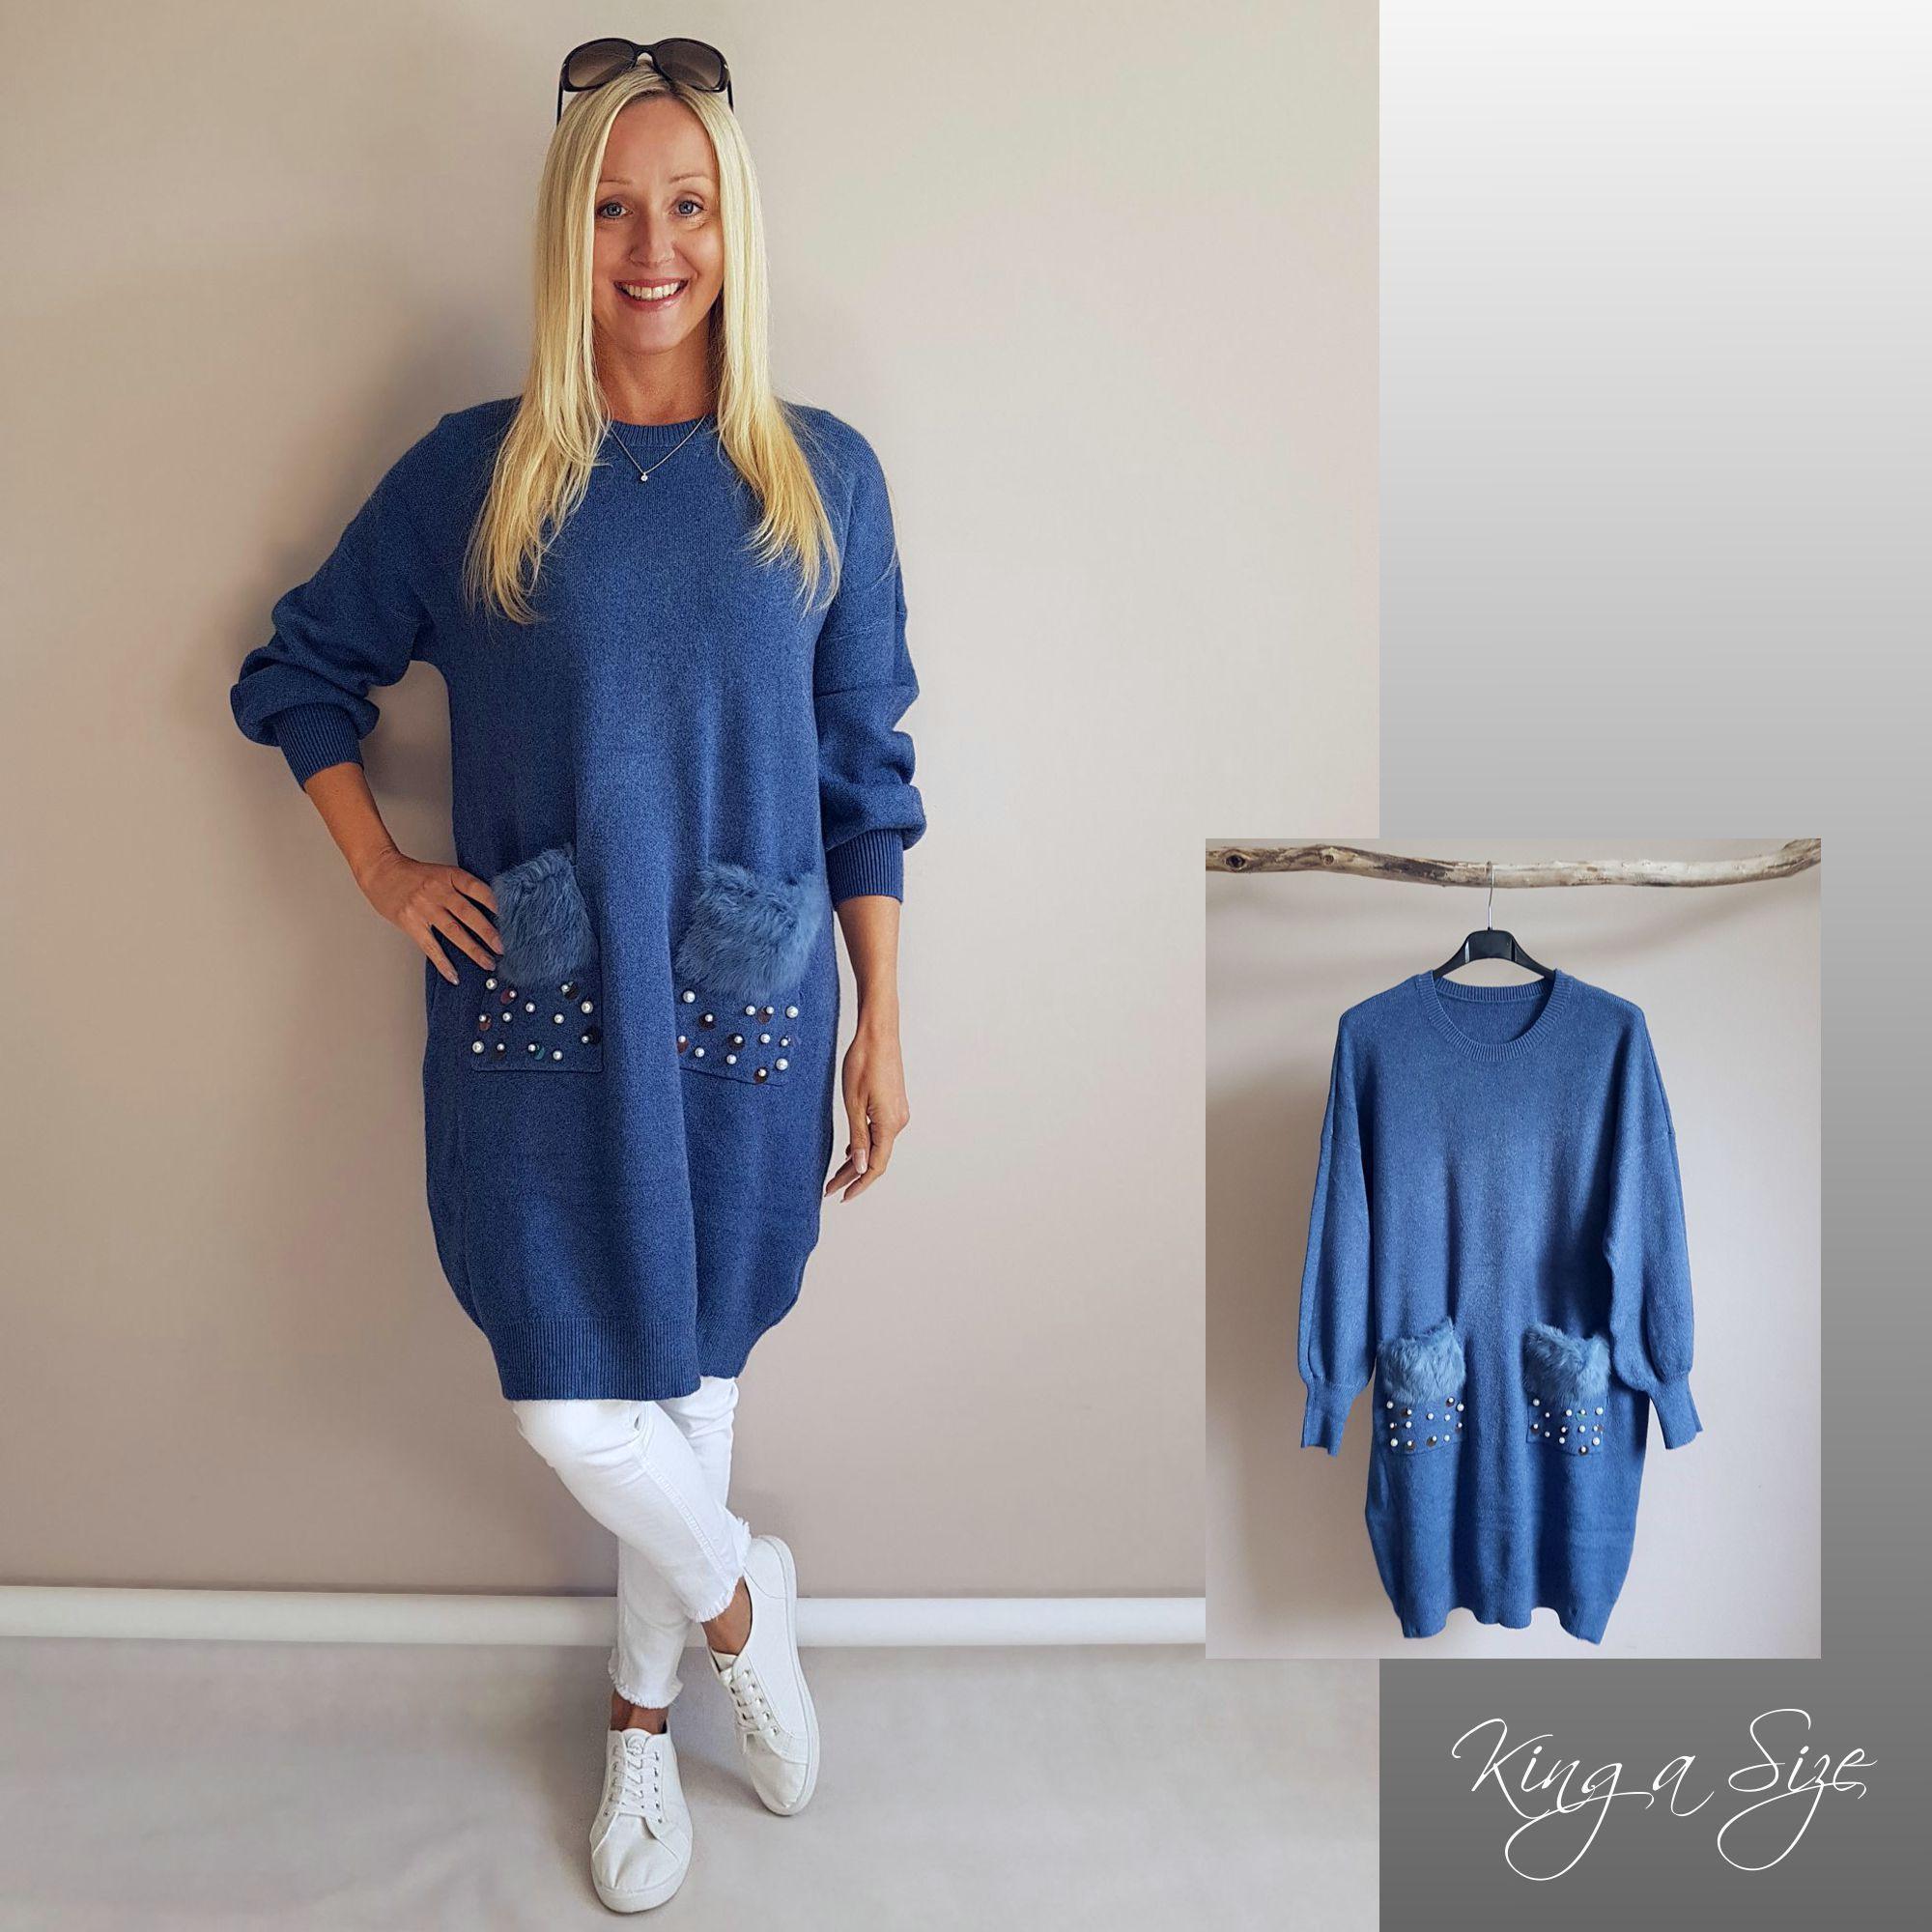 Designer Schön Kleid Gerade Form Vertrieb Luxus Kleid Gerade Form Ärmel